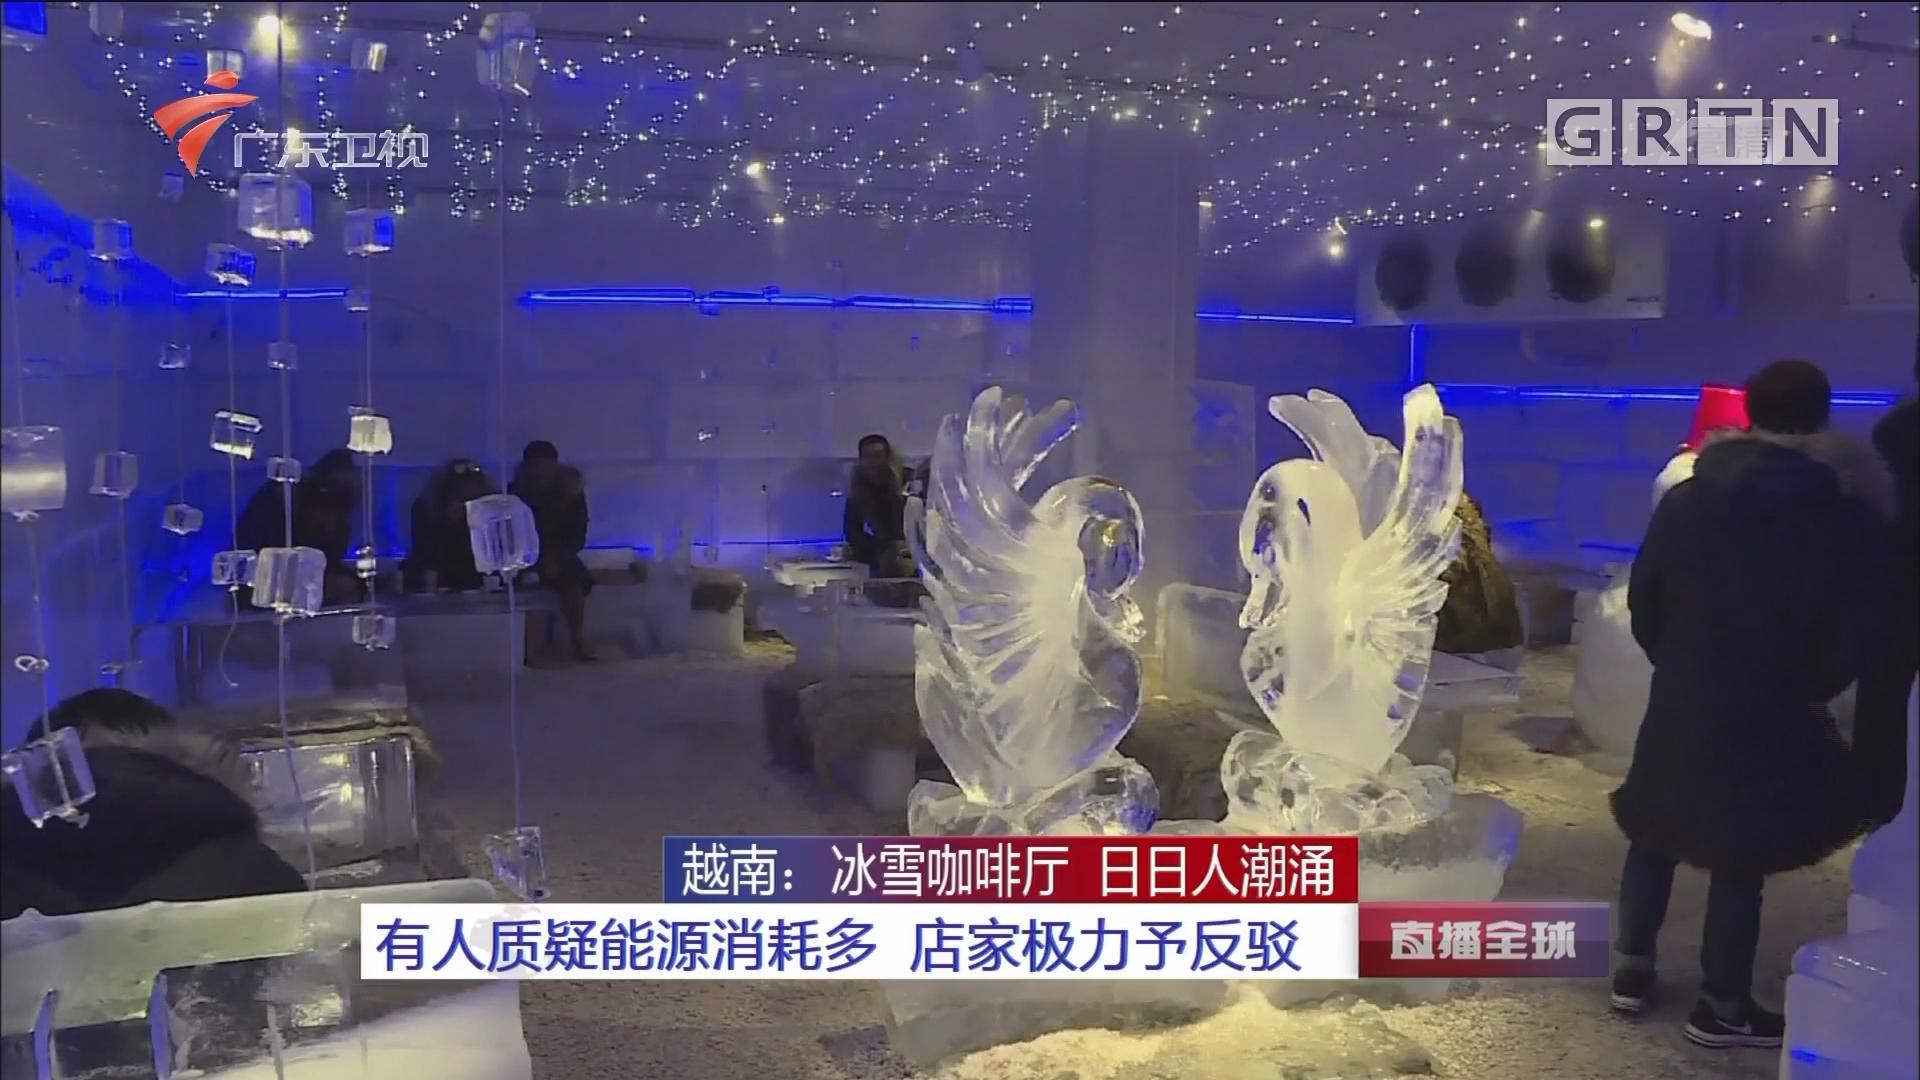 越南:冰雪咖啡厅 日日人潮涌 有人质疑能源消耗多 店家极力予反驳